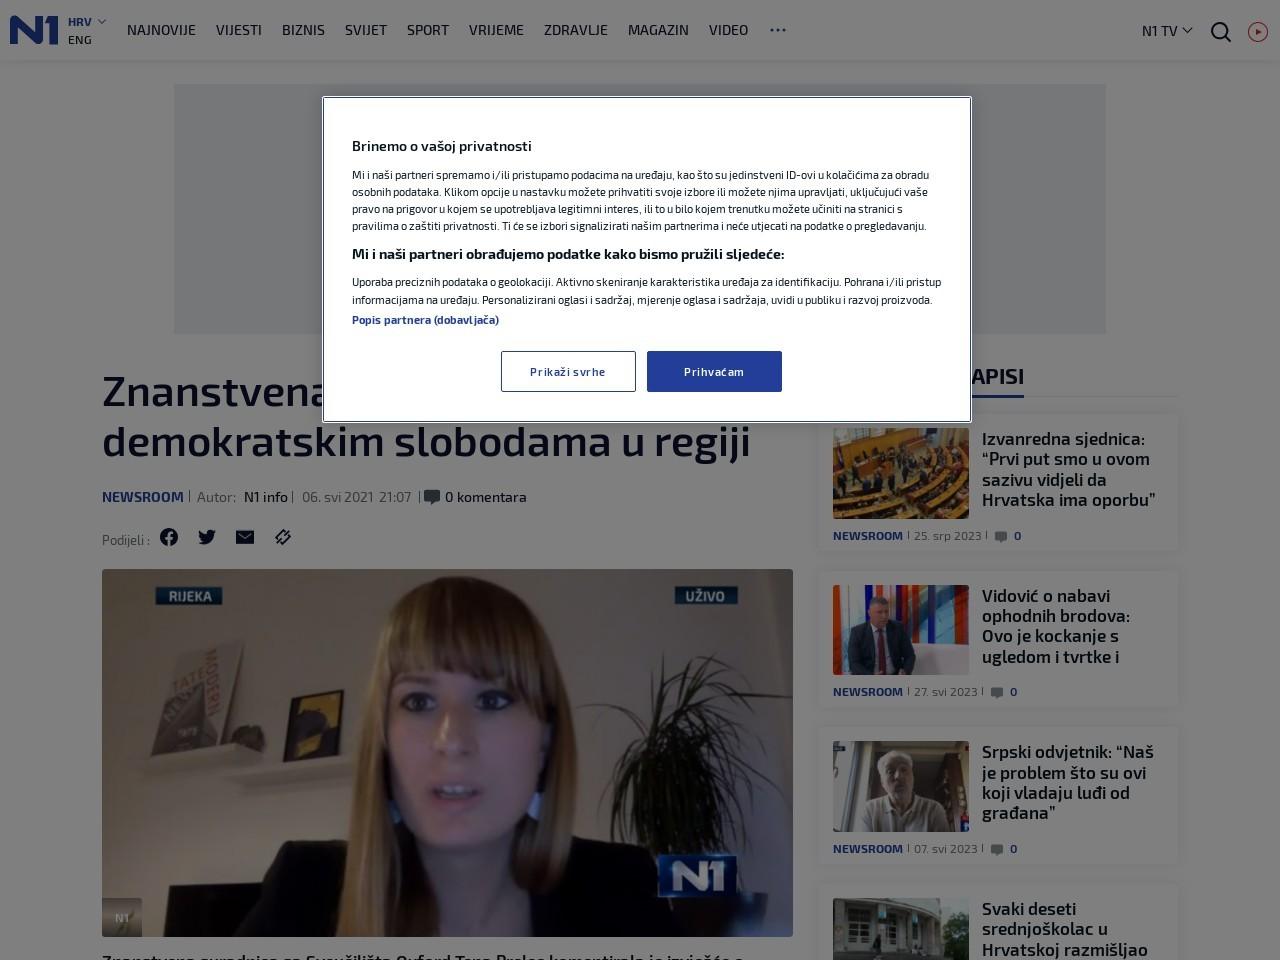 https://hr.n1info.com/video/newsroom/znanstvena-suradnica-s-oxforda-o-demokratskim-slobodama-u-regiji/